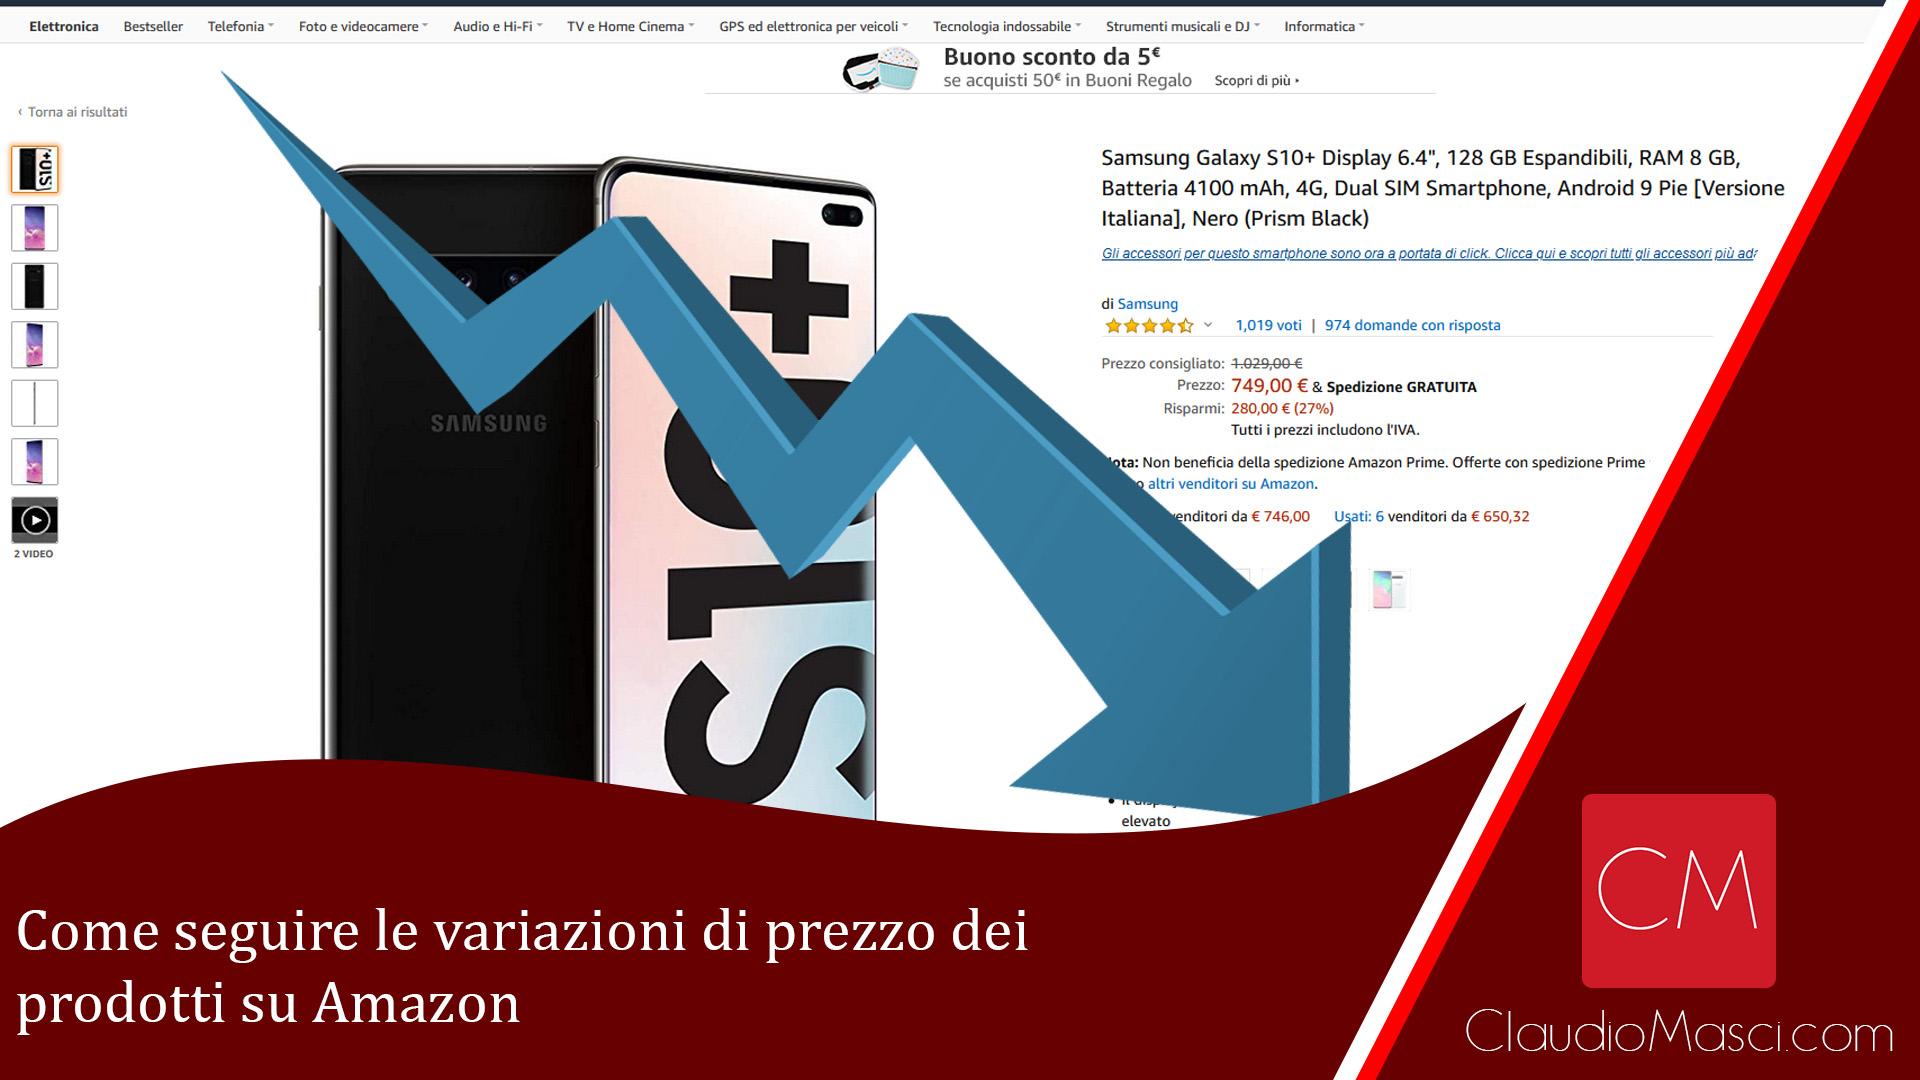 Come seguire le variazioni di prezzo dei prodotti su Amazon